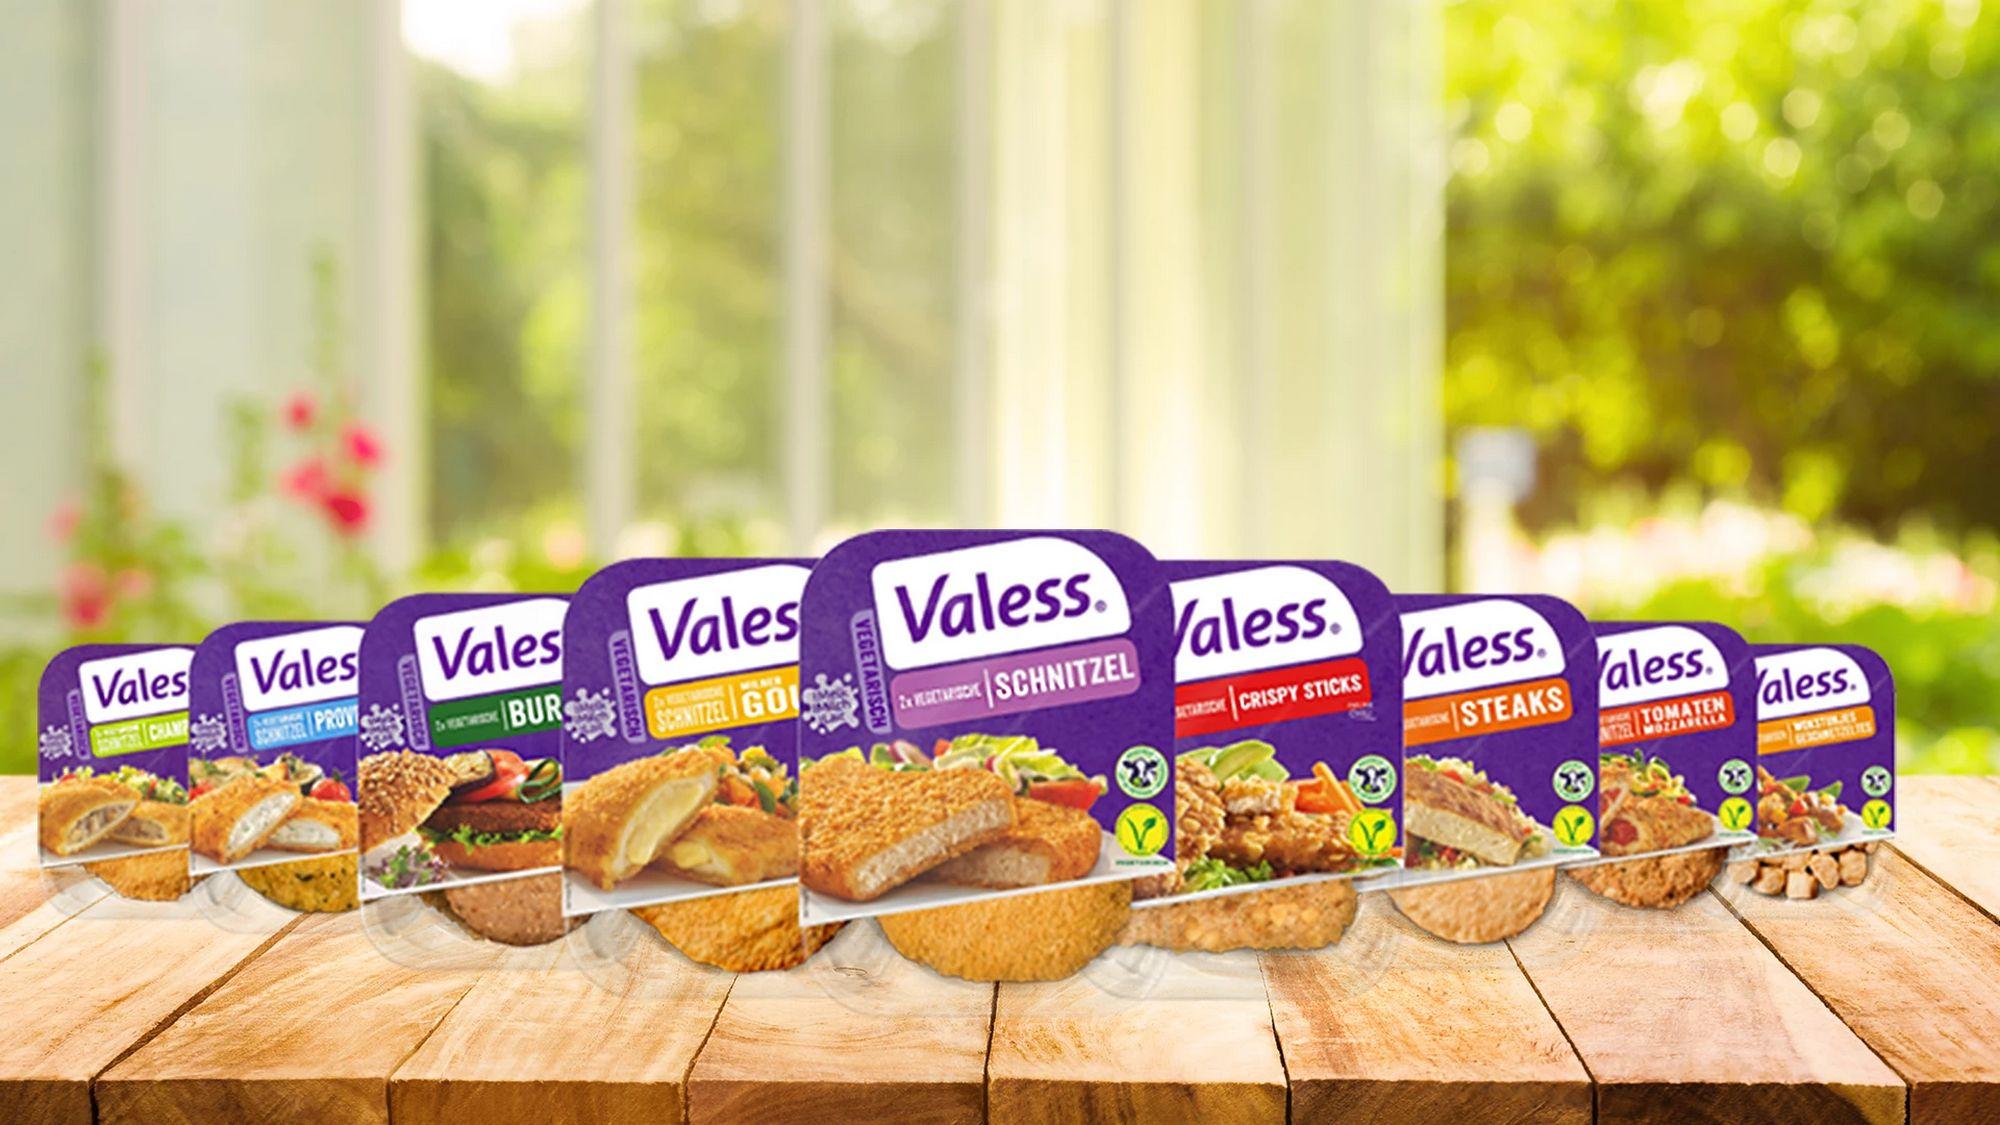 [Marktkauf Minden-Hannover] Valess vegetarische Fleischersatzprodukte mit Coupon für 1,79€